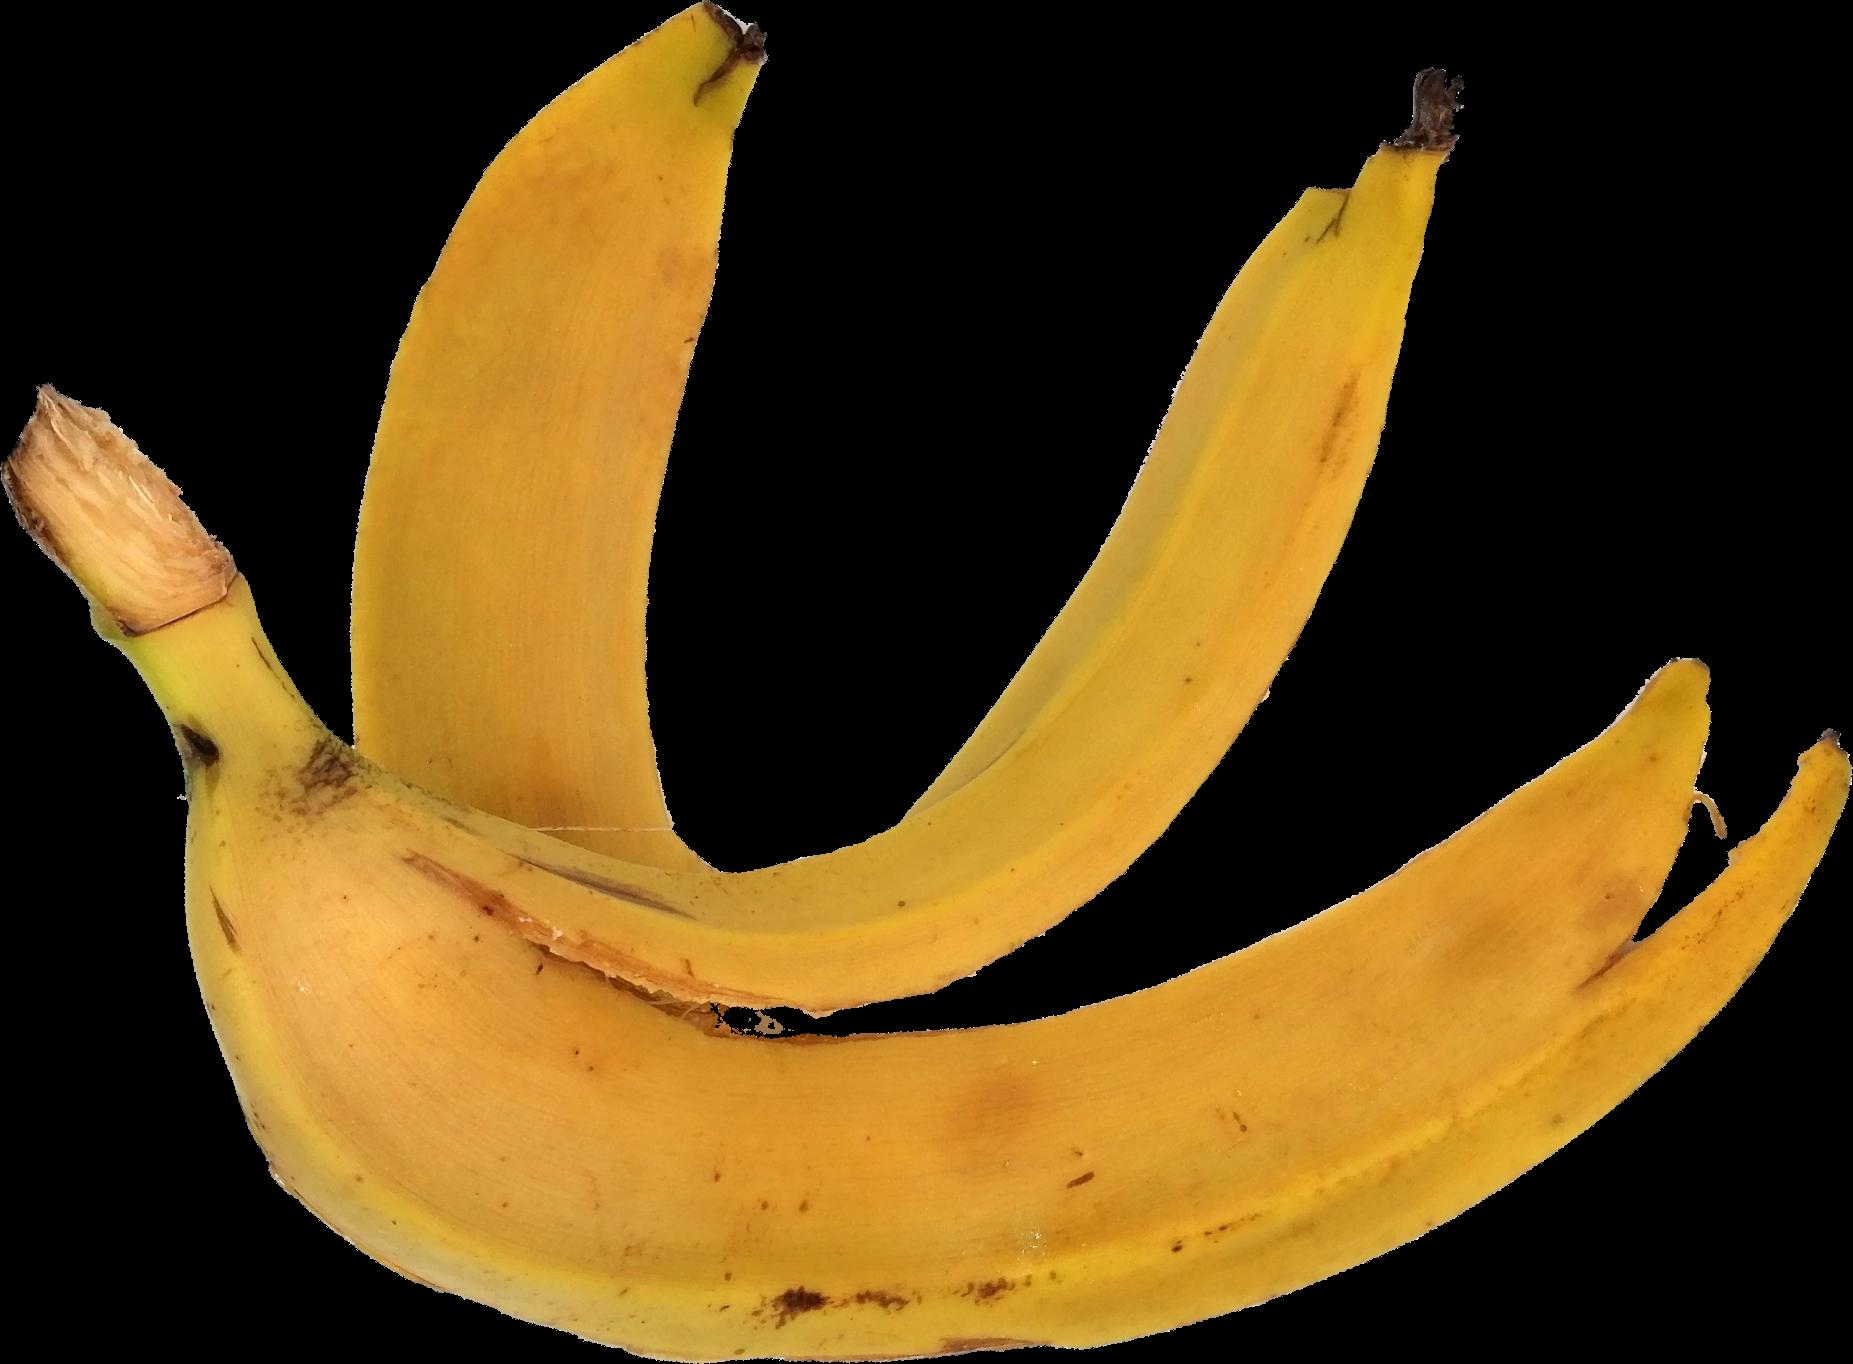 banana-2-1.png